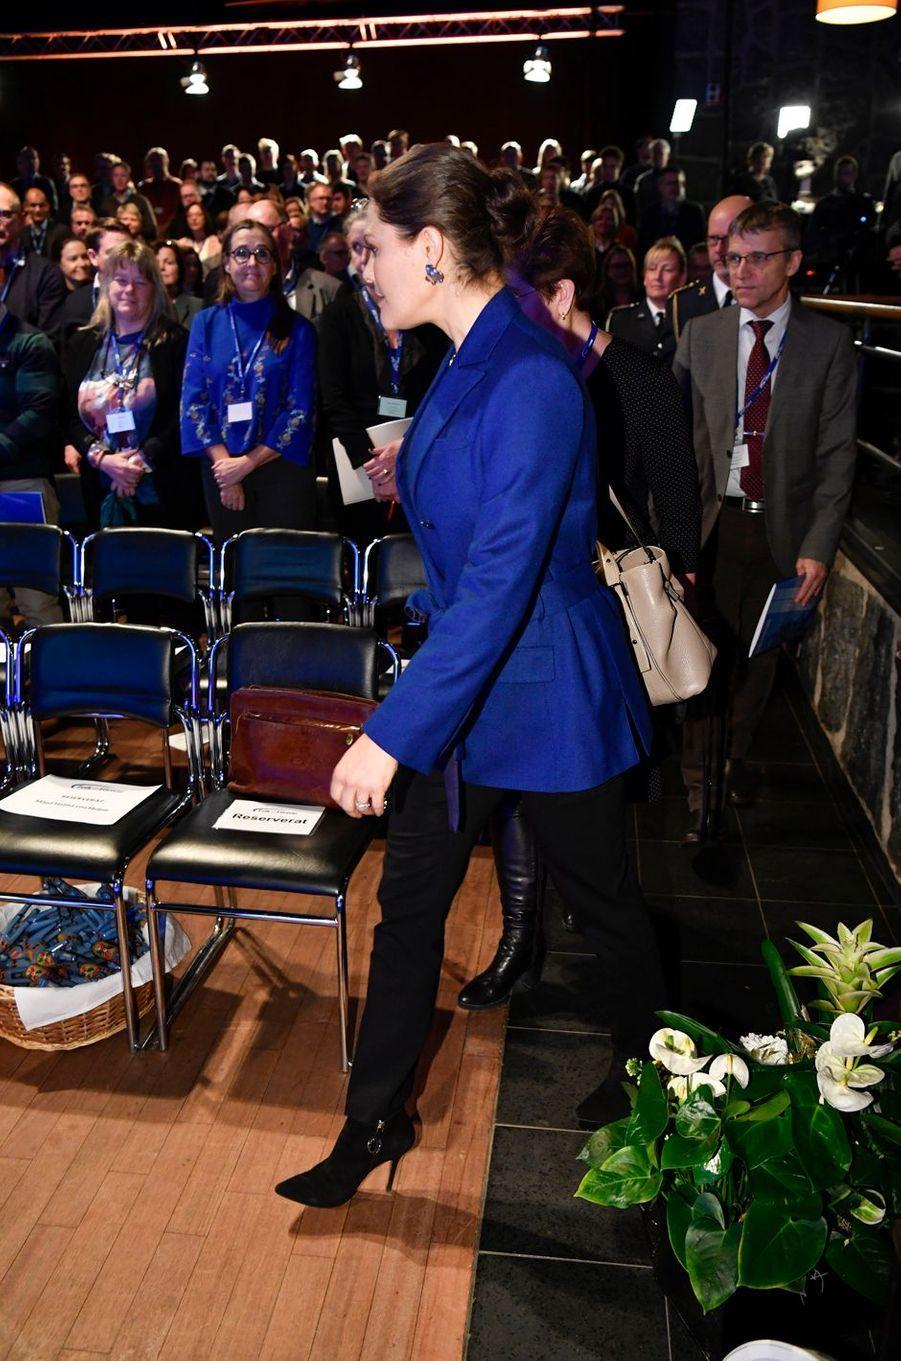 La princesse Victoria de Suède à la Conférence nationale de défense à Sälen, le 13 janvier 2018